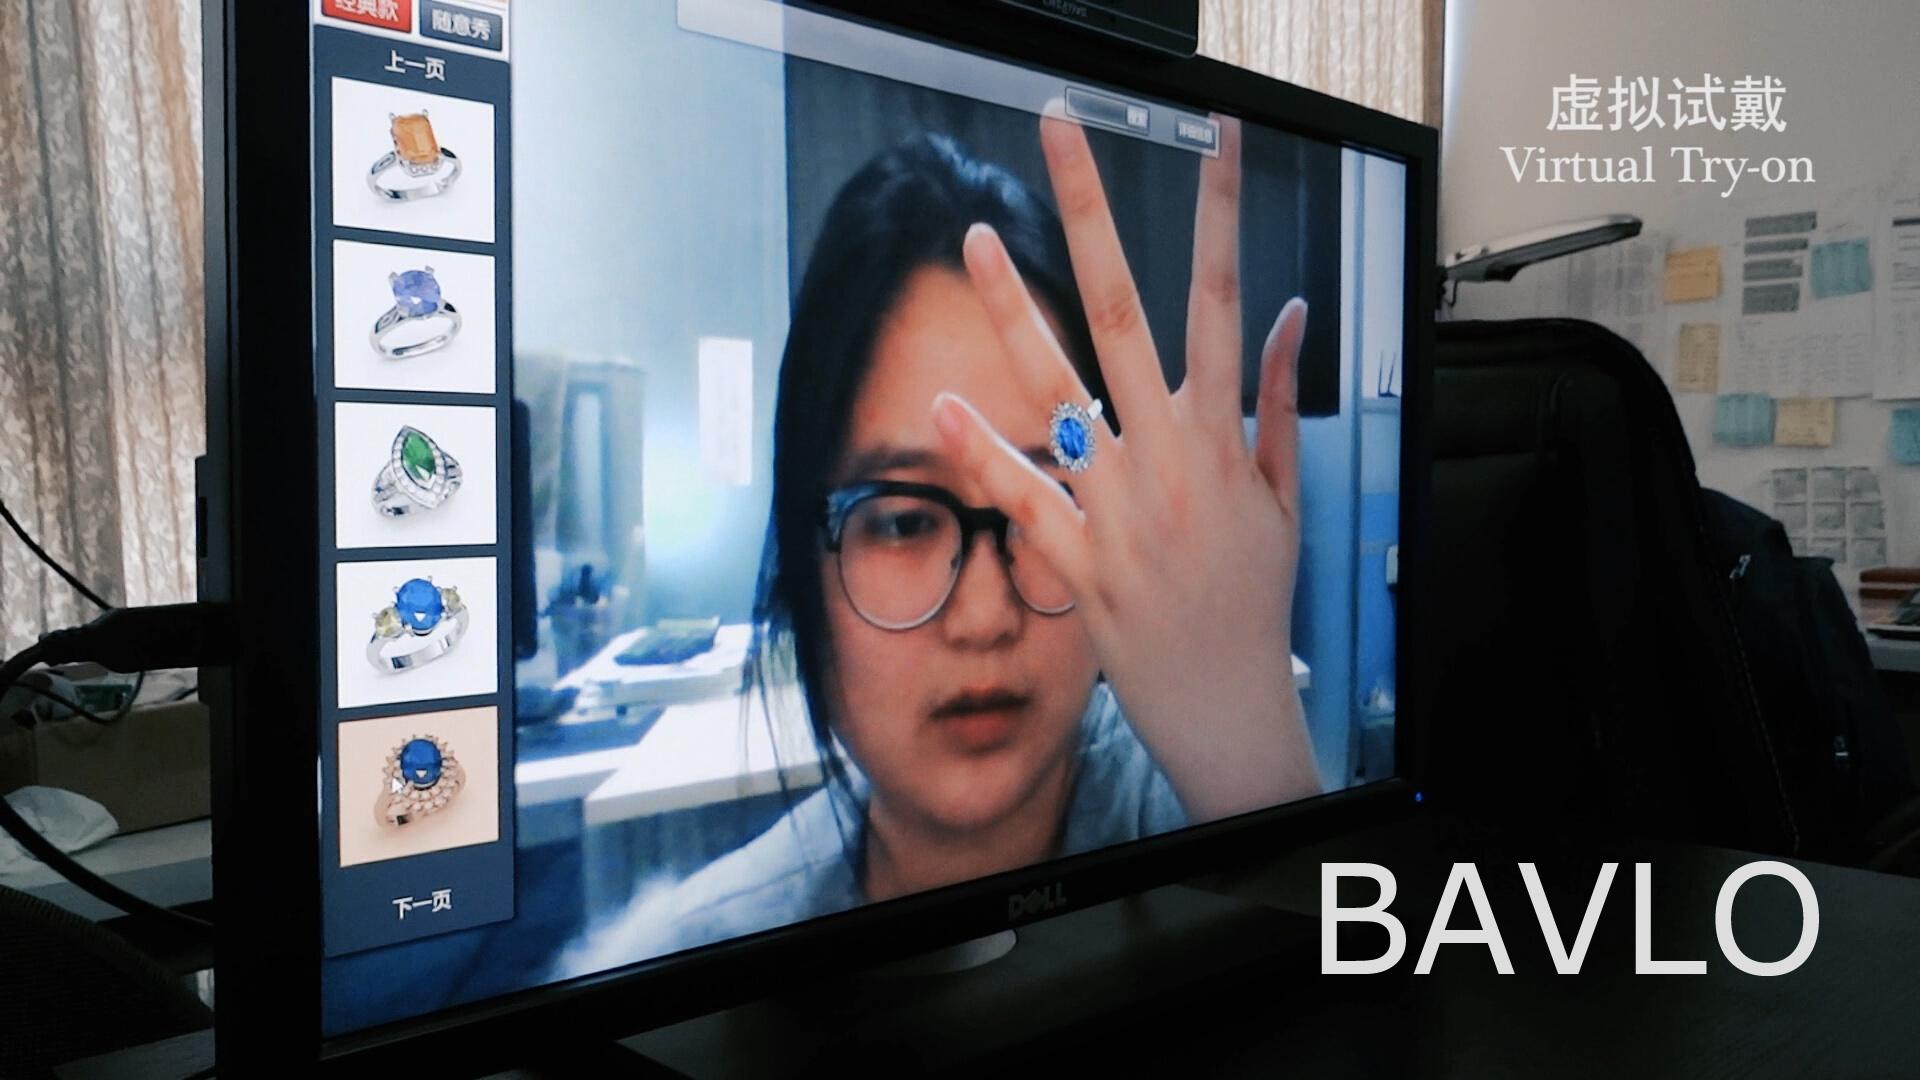 寶瓏珠寶虛擬試戴系統——視頻